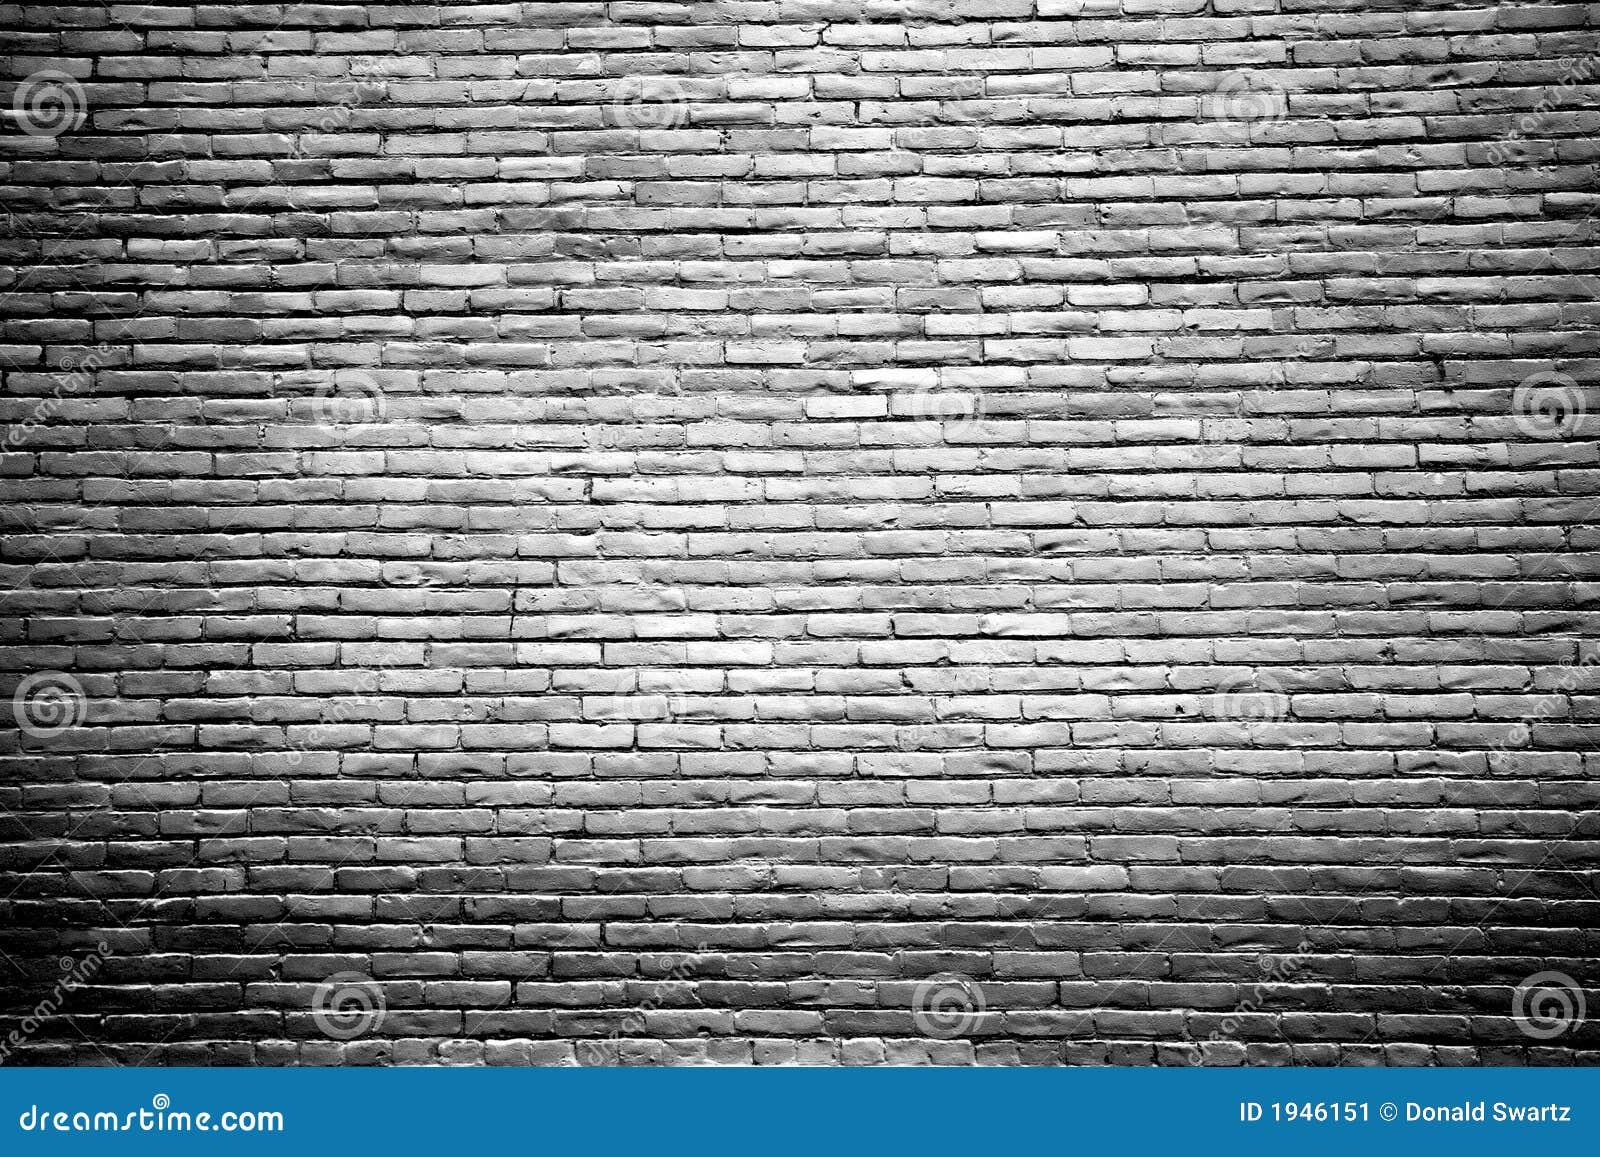 Pared de ladrillo blanco y negro con el centro destacado imagen de archivo imagen de - Pared de ladrillo blanco ...